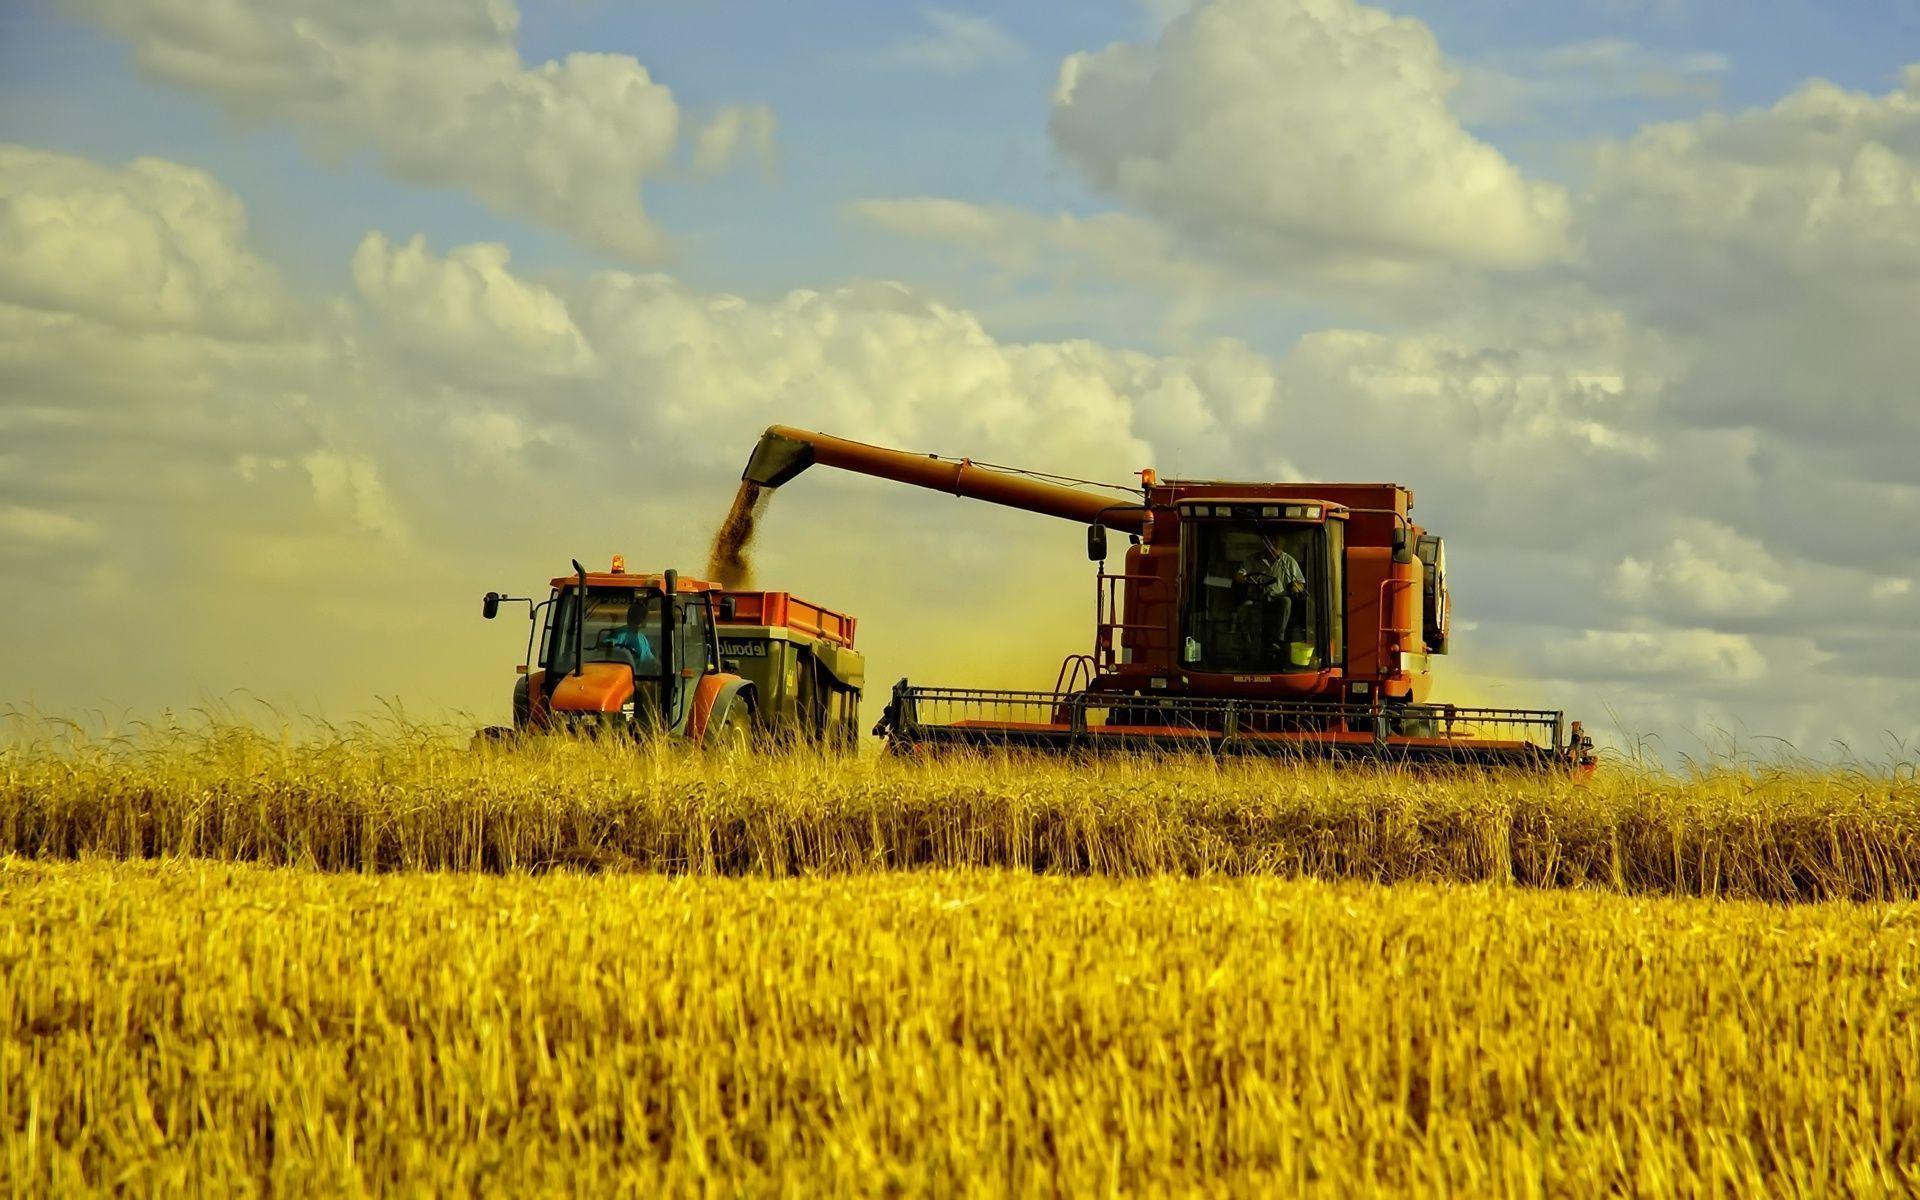 آلات زراعية - معدات